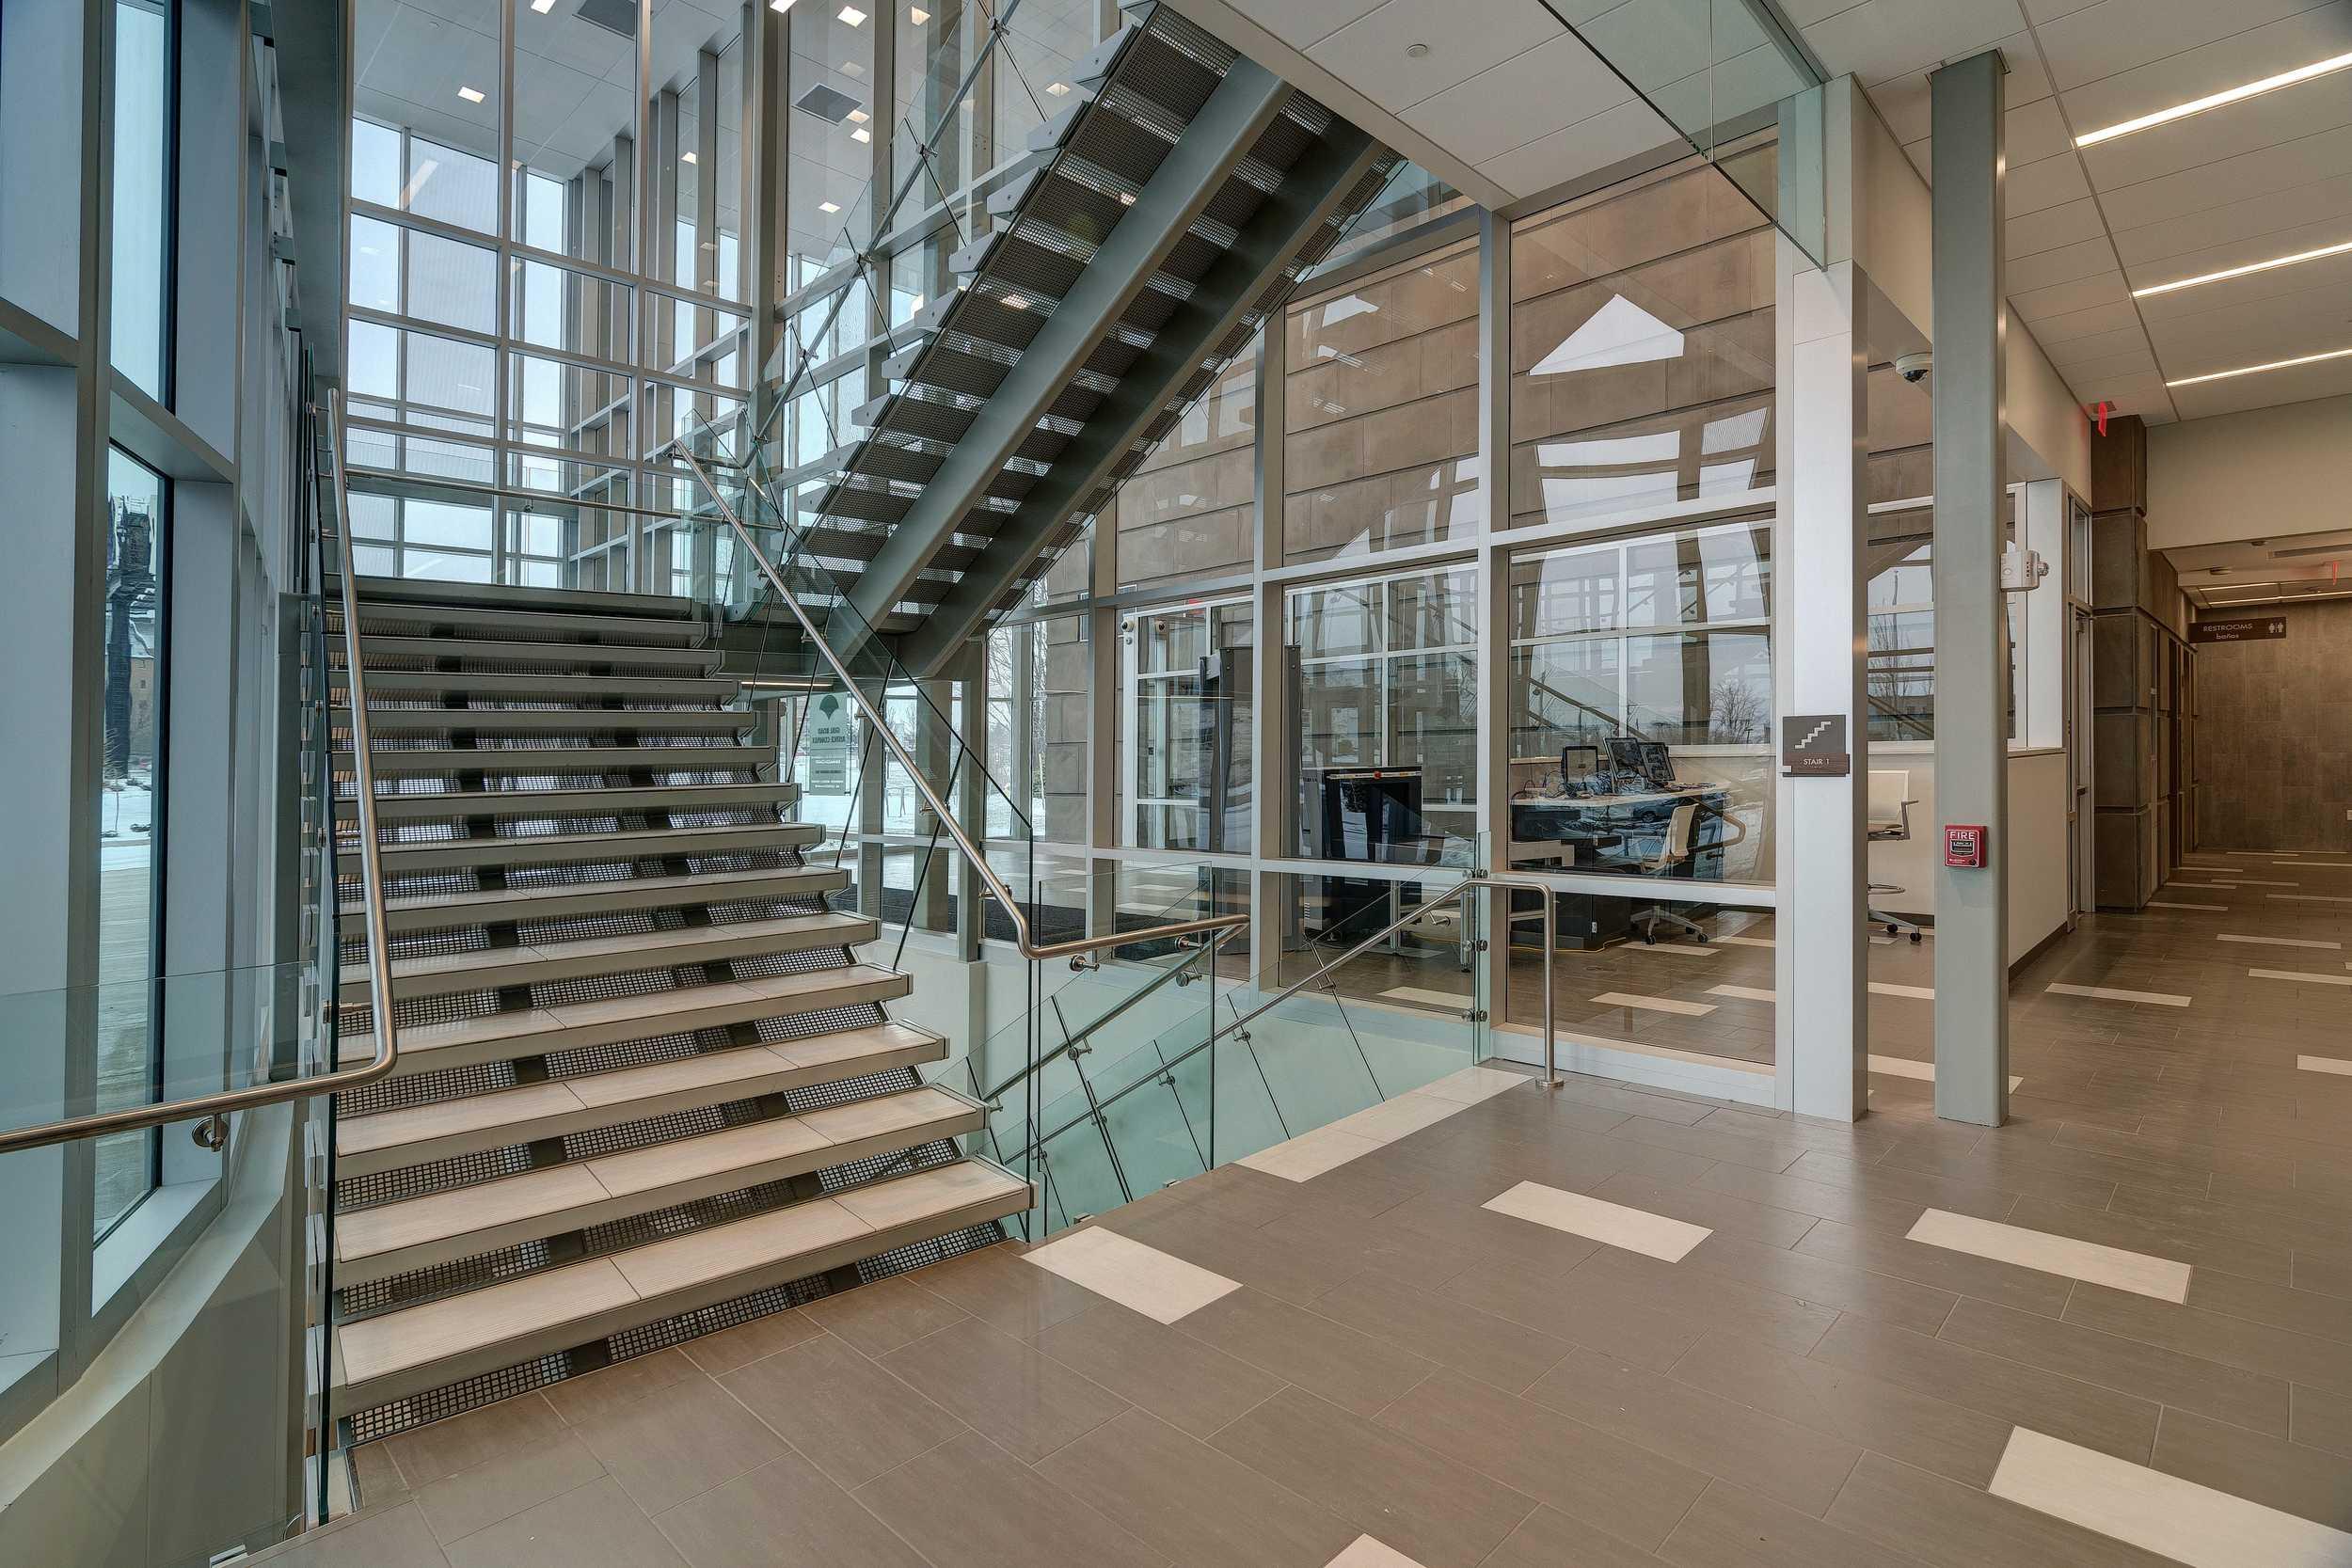 GullRdJusticeComplex-Interior-8880-NeutralColor-FullSize-min[1].jpg